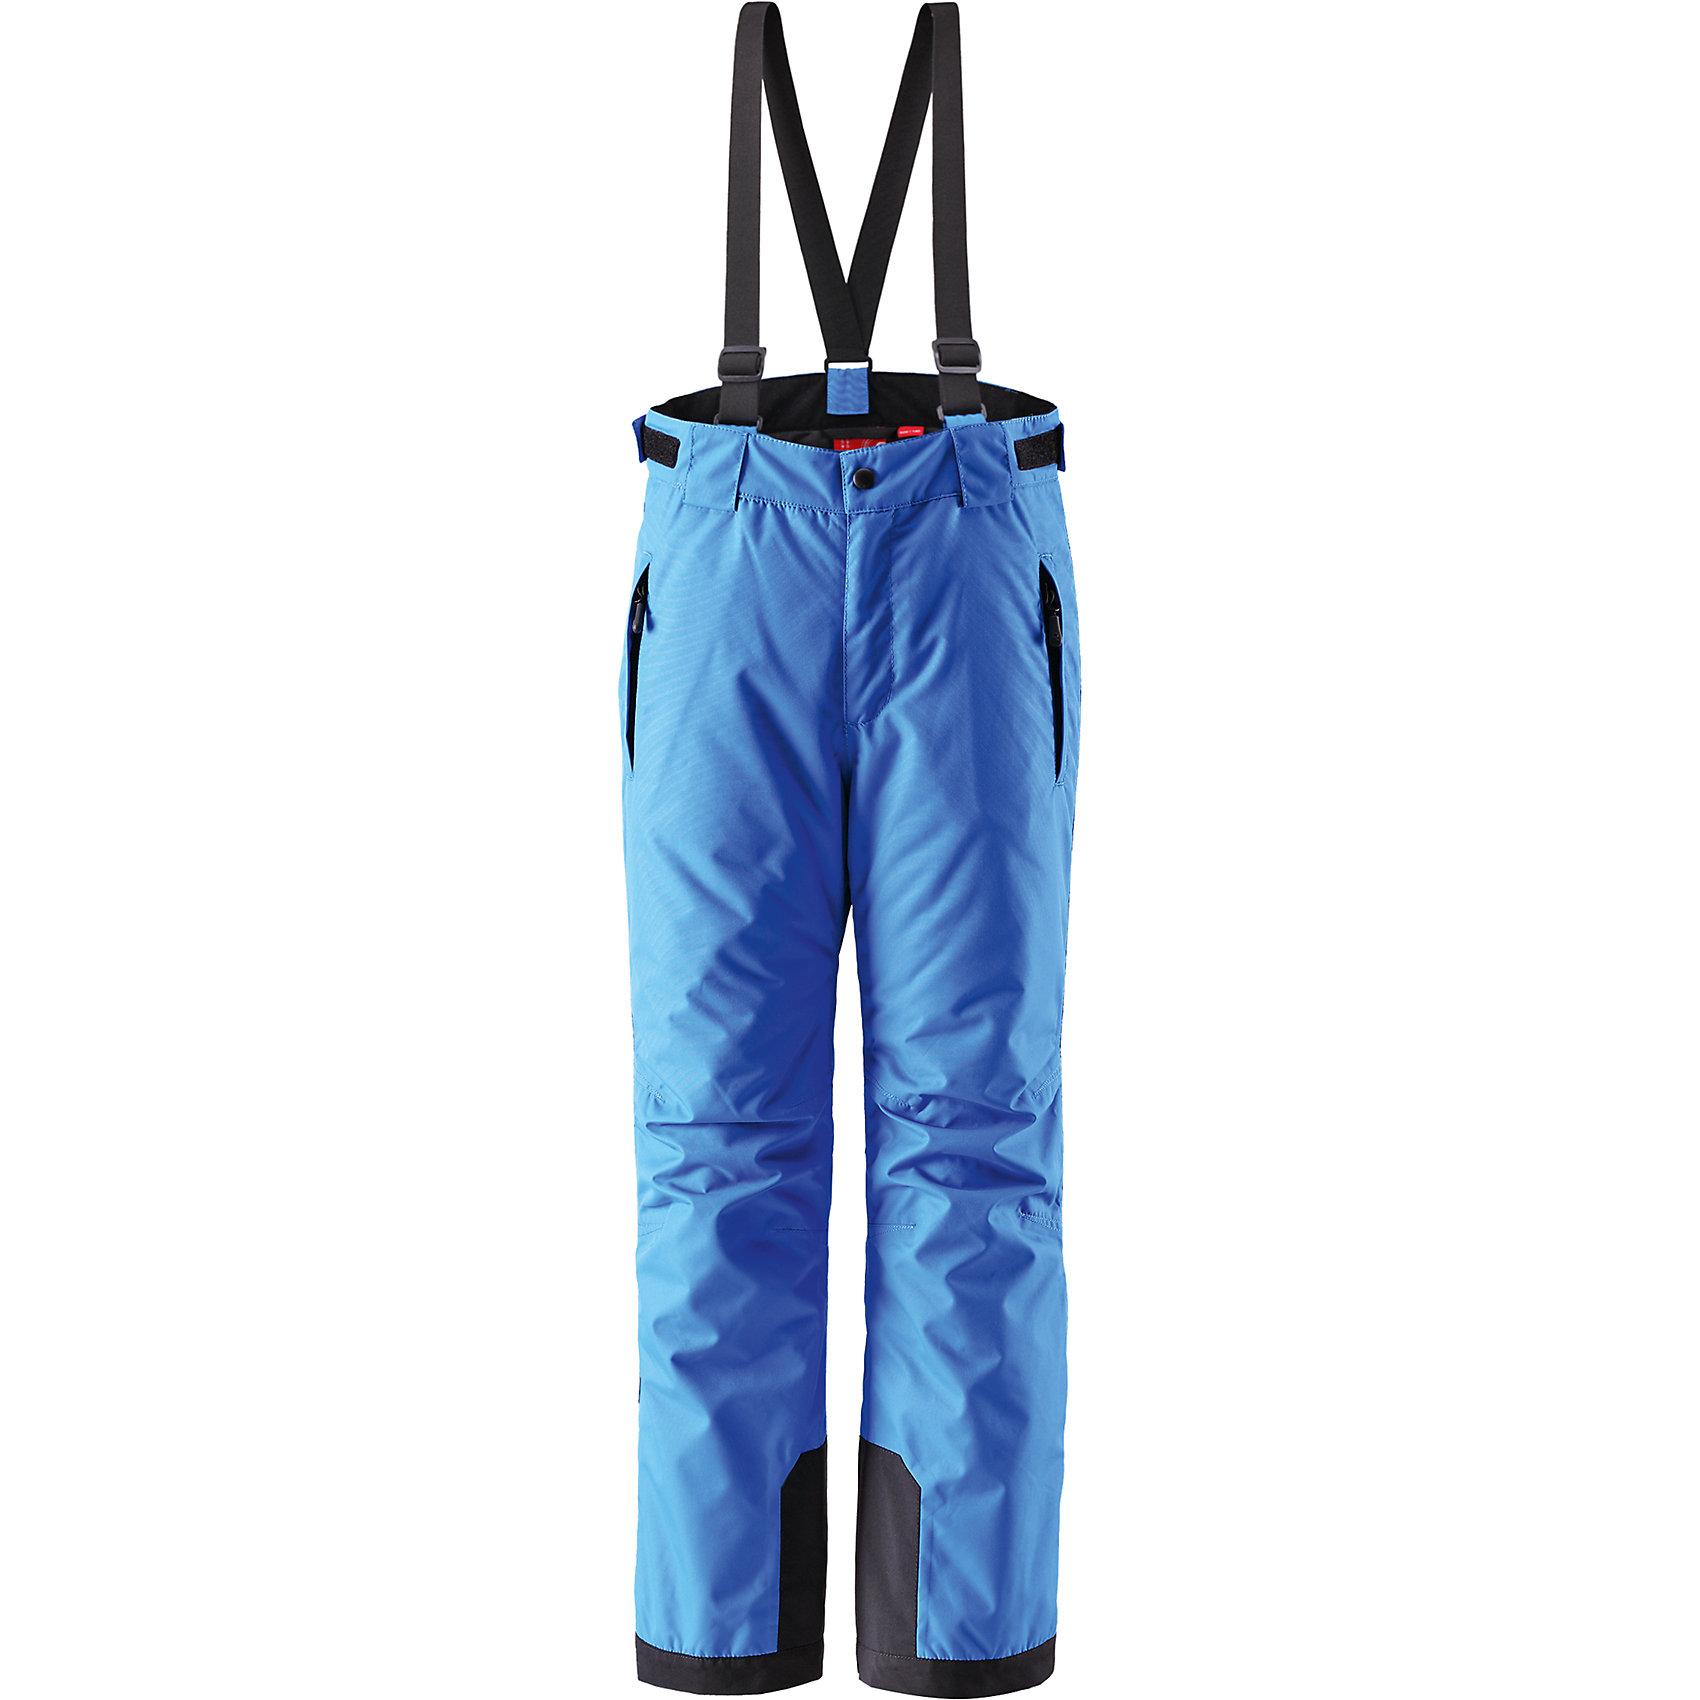 Брюки Takeoff  для мальчика ReimaБрюки  Reima<br>Зимние брюки для подростков. Основные швы проклеены и не пропускают влагу. Прочные усиленные вставки внизу брючин. Водо- и ветронепроницаемый, «дышащий» и грязеотталкивающий материал. Прямой крой. Гладкая подкладка из полиэстра. Регулируемый обхват талии. Снегозащитные манжеты на штанинах. Новая усовершенствованная молния — больше не застревает! Карманы на молнии. Регулируемые и отстегивающиеся эластичные подтяжки.<br>Утеплитель: Reima® Flex insulation,100 g<br>Уход:<br>Стирать по отдельности, вывернув наизнанку. Застегнуть молнии и липучки. Стирать моющим средством, не содержащим отбеливающие вещества. Полоскать без специального средства. Во избежание изменения цвета изделие необходимо вынуть из стиральной машинки незамедлительно после окончания программы стирки. Сушить при низкой температуре.<br>Состав:<br>100% Полиамид, полиуретановое покрытие<br><br>Ширина мм: 215<br>Глубина мм: 88<br>Высота мм: 191<br>Вес г: 336<br>Цвет: голубой<br>Возраст от месяцев: 144<br>Возраст до месяцев: 156<br>Пол: Мужской<br>Возраст: Детский<br>Размер: 158,110,164,104,116,122,128,134,140,146,152<br>SKU: 4778729